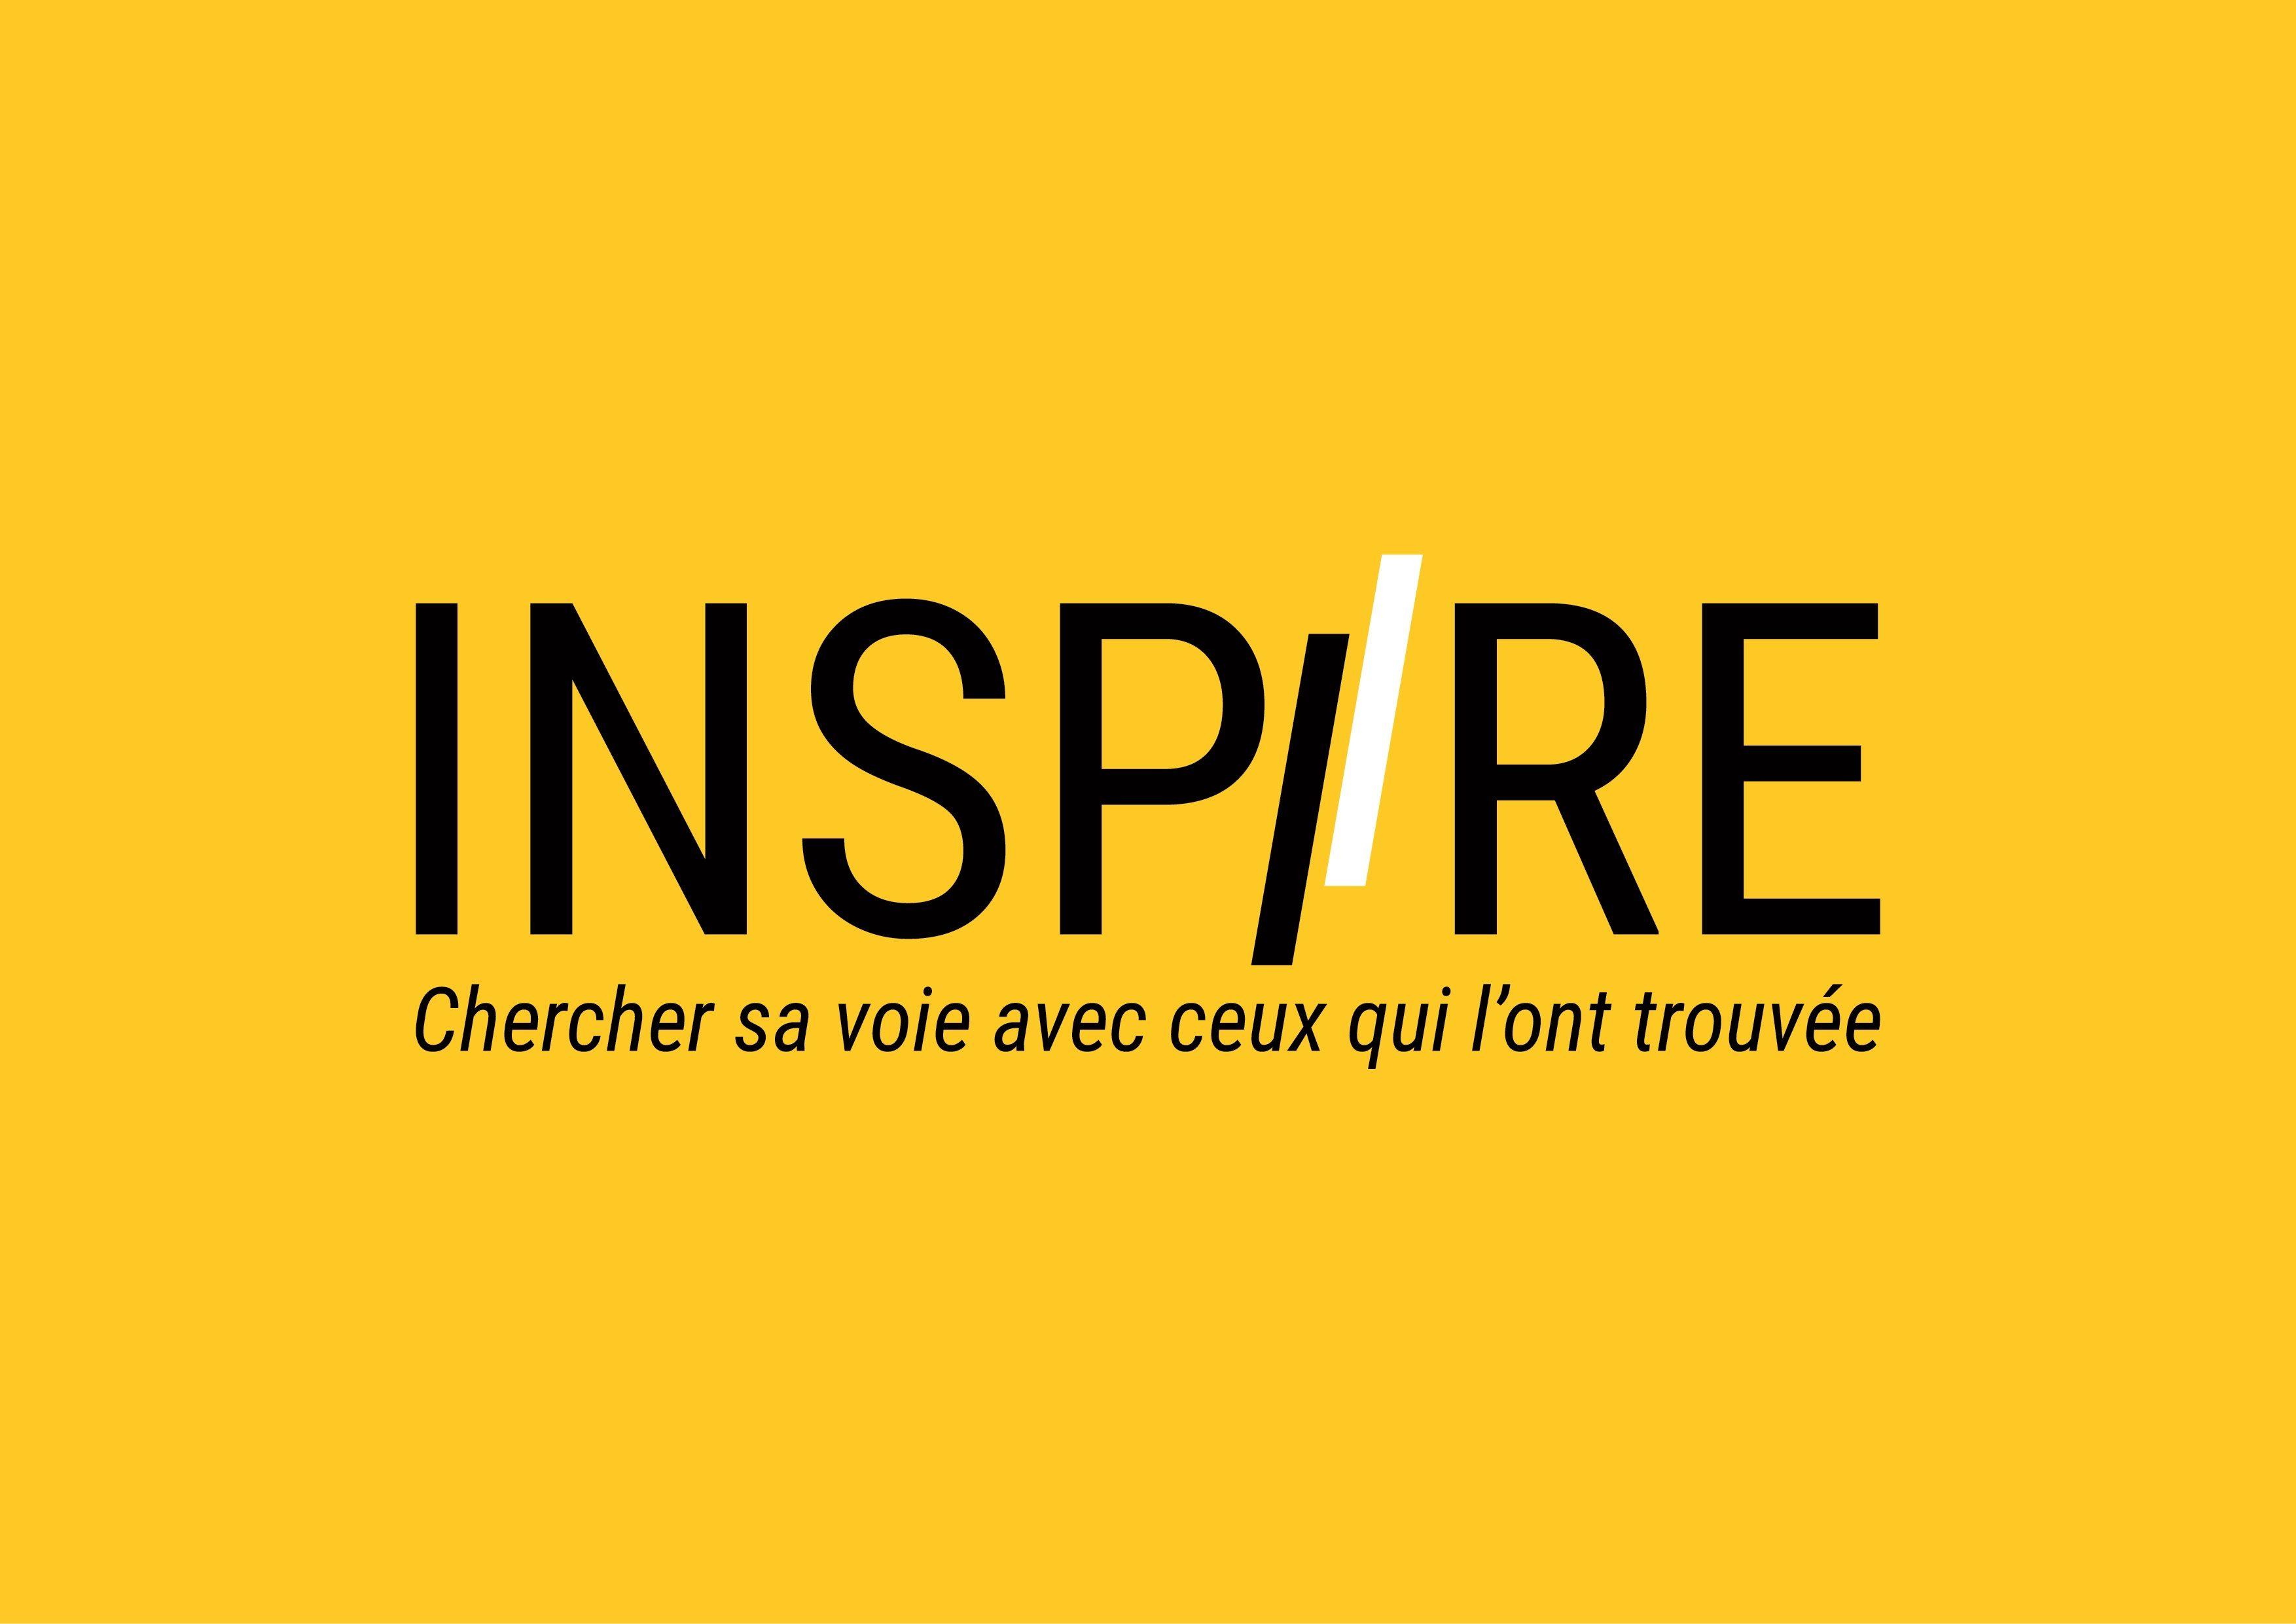 INSPIRE_LOGO+ACCROCHE_JAUNE (002).jpg